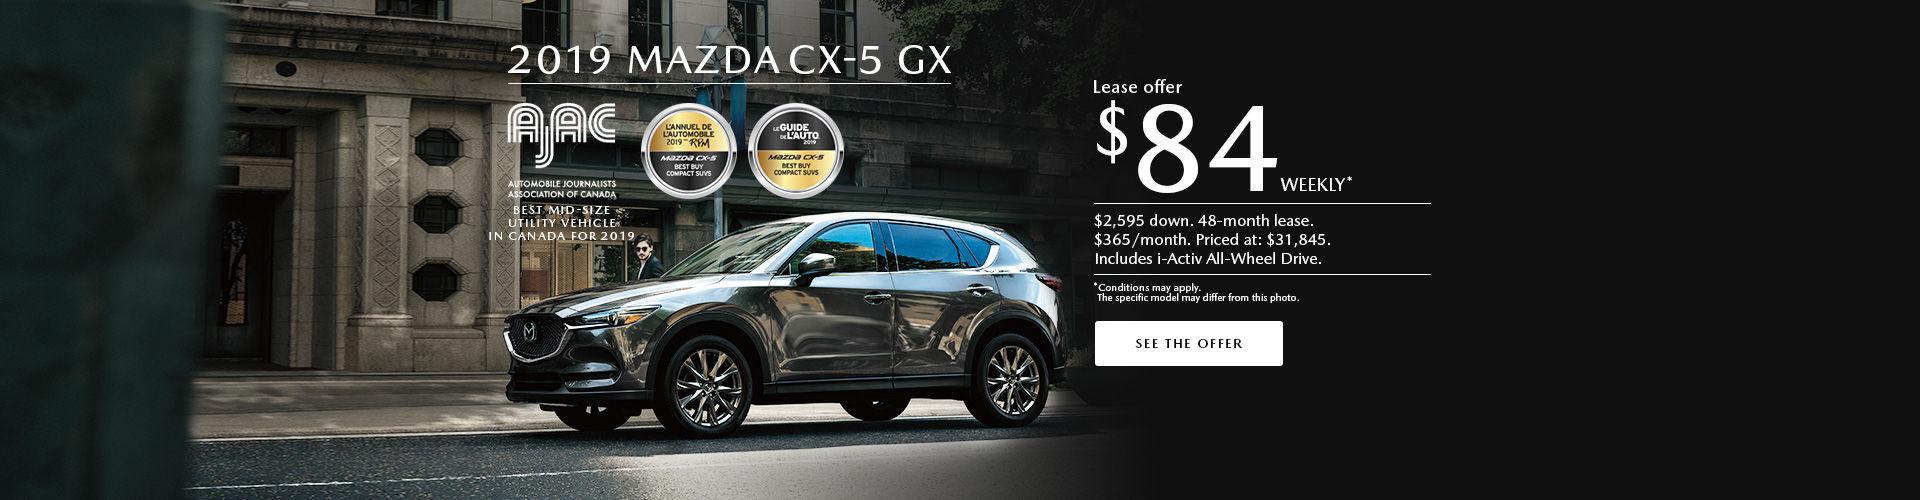 Mazda CX-5 Incentive